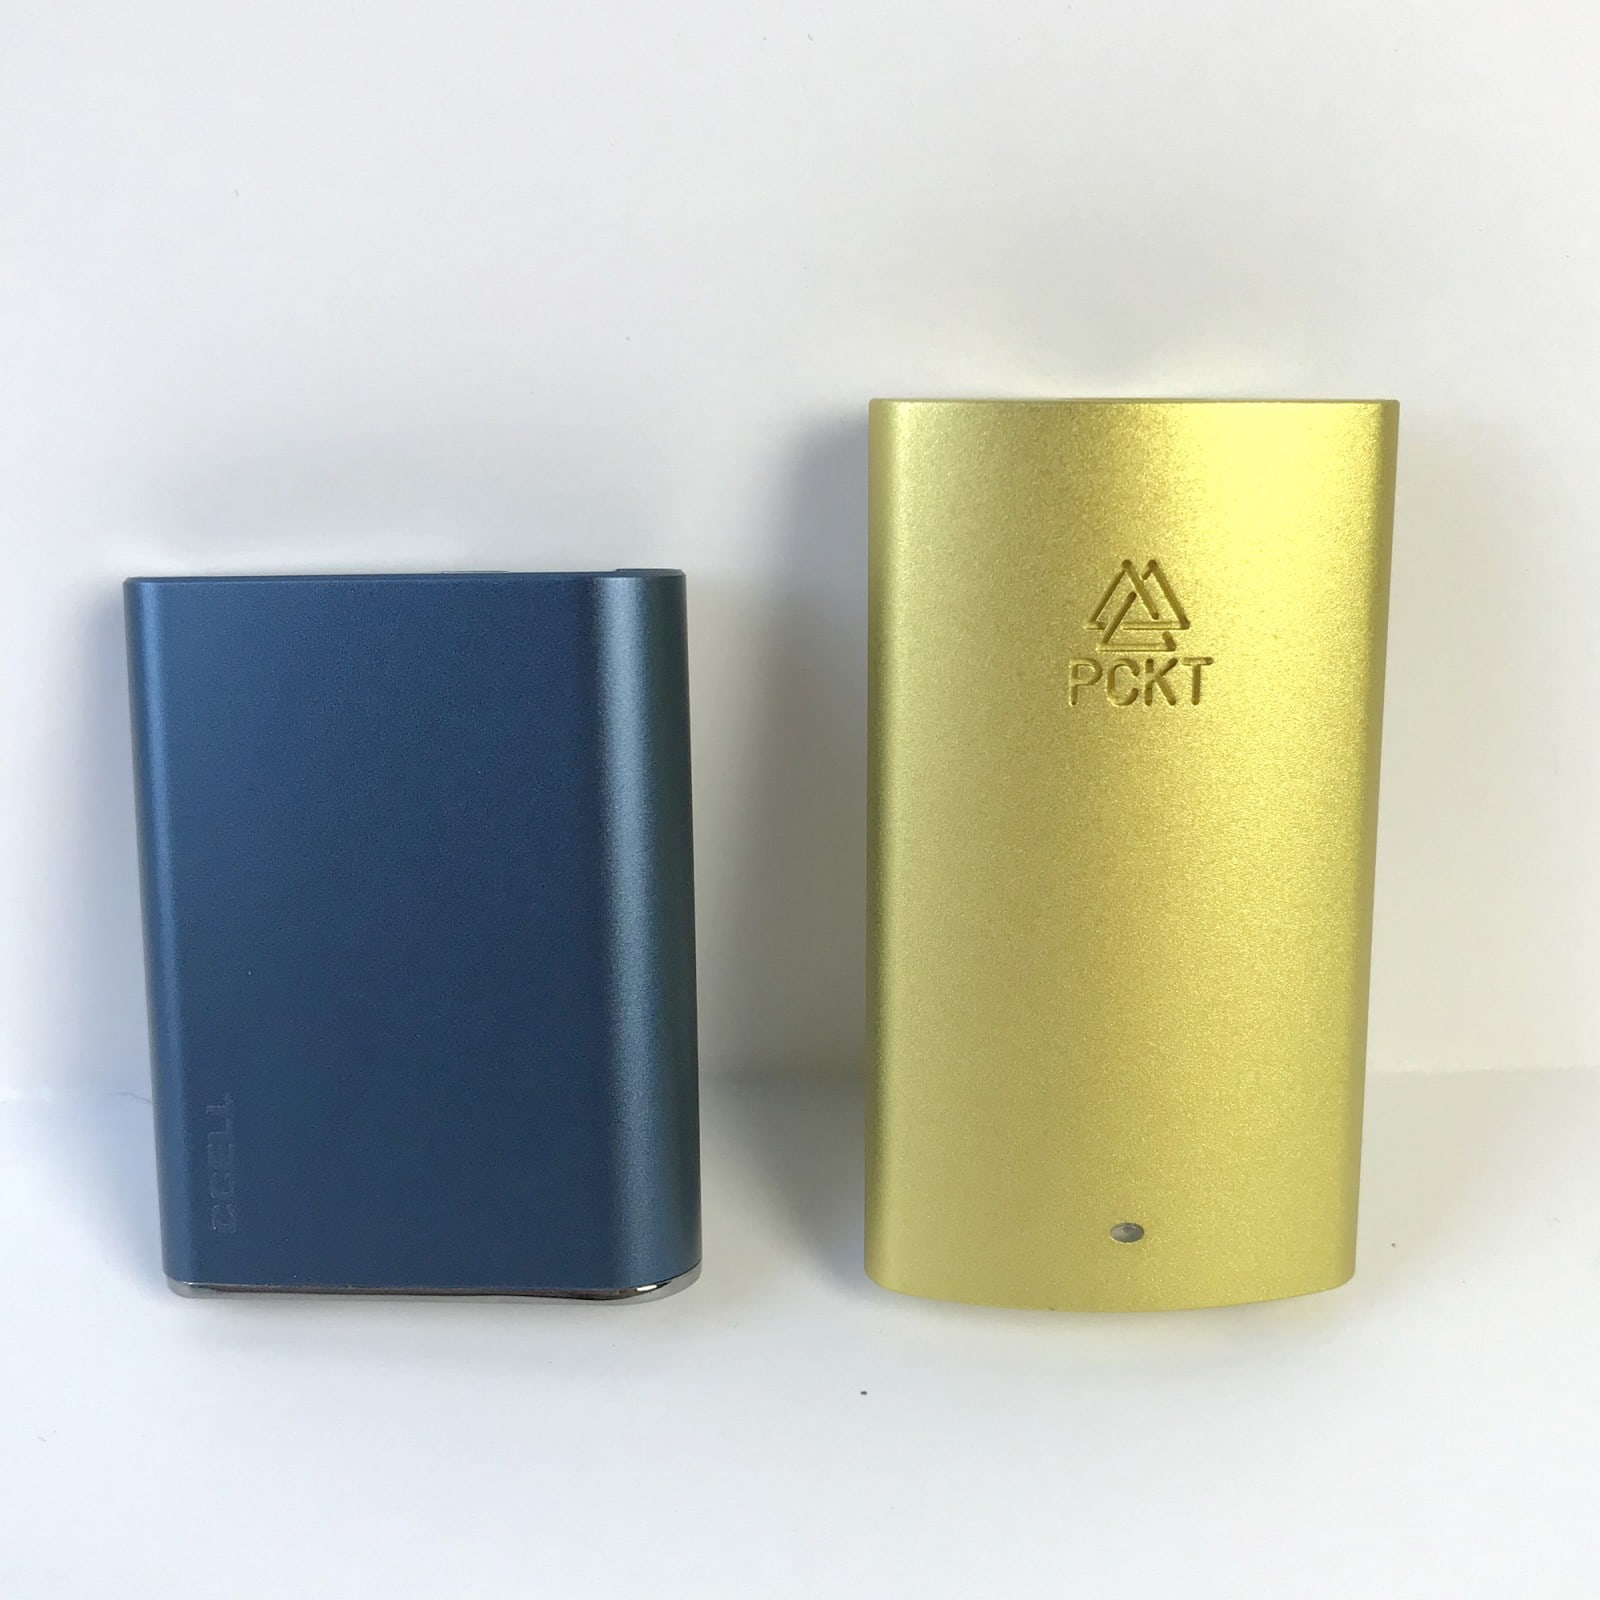 PCKT One 510 Vape Pen for THC Oil Cartridges